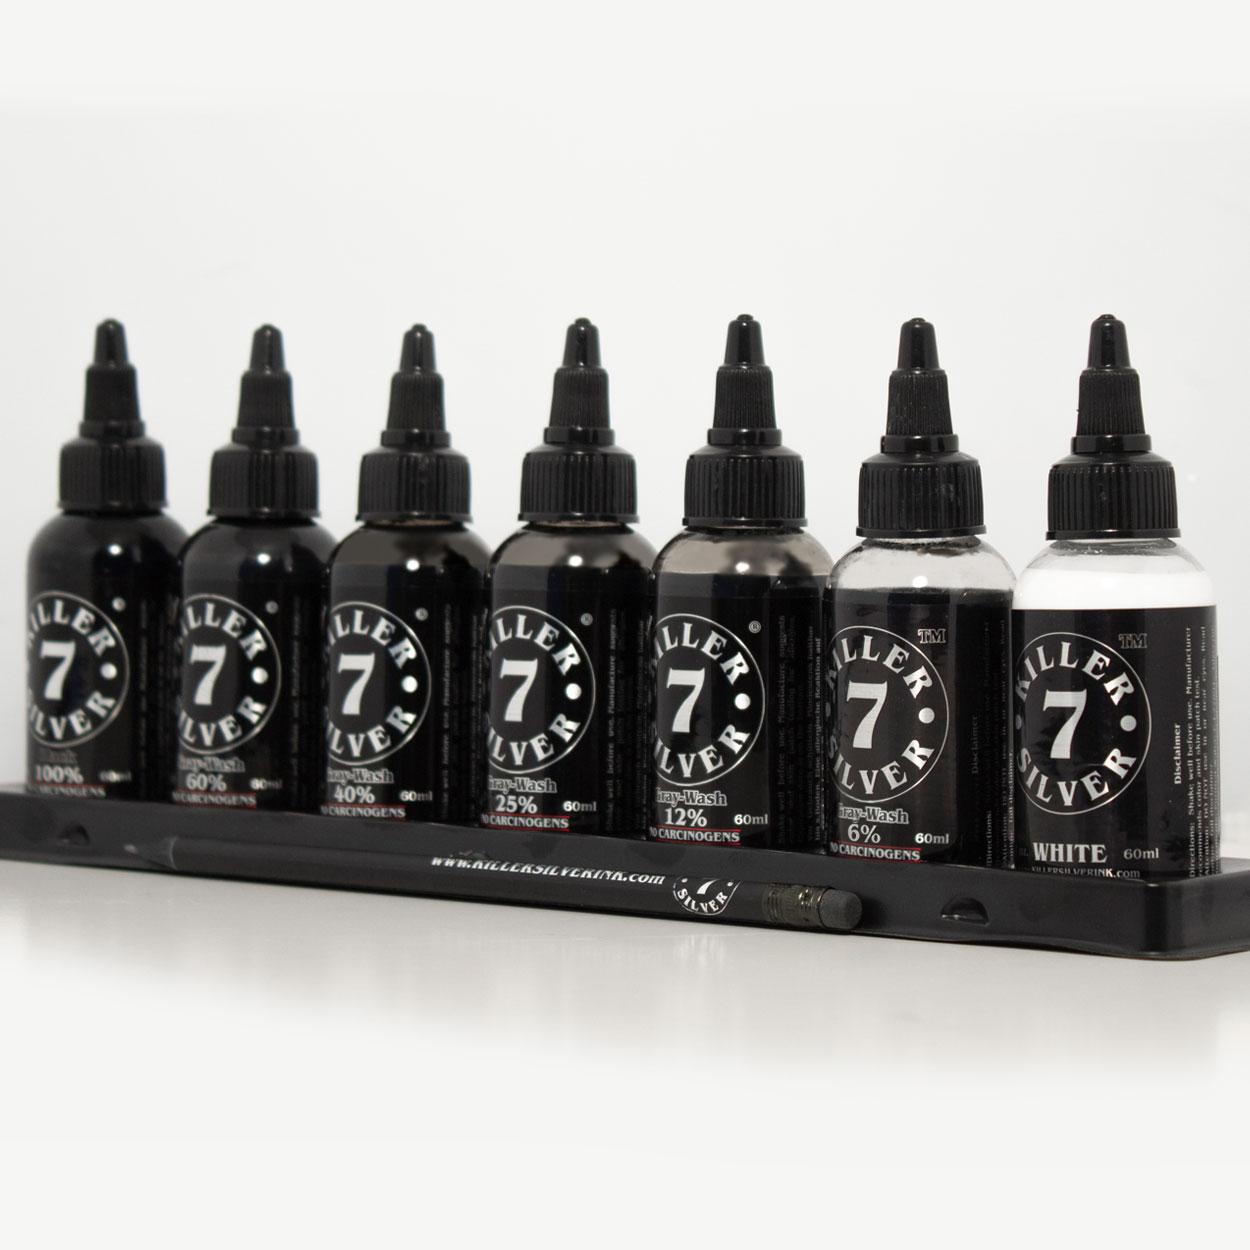 Ultimate gray-wash set - 7 bottles - 2 oz - Killer Silver